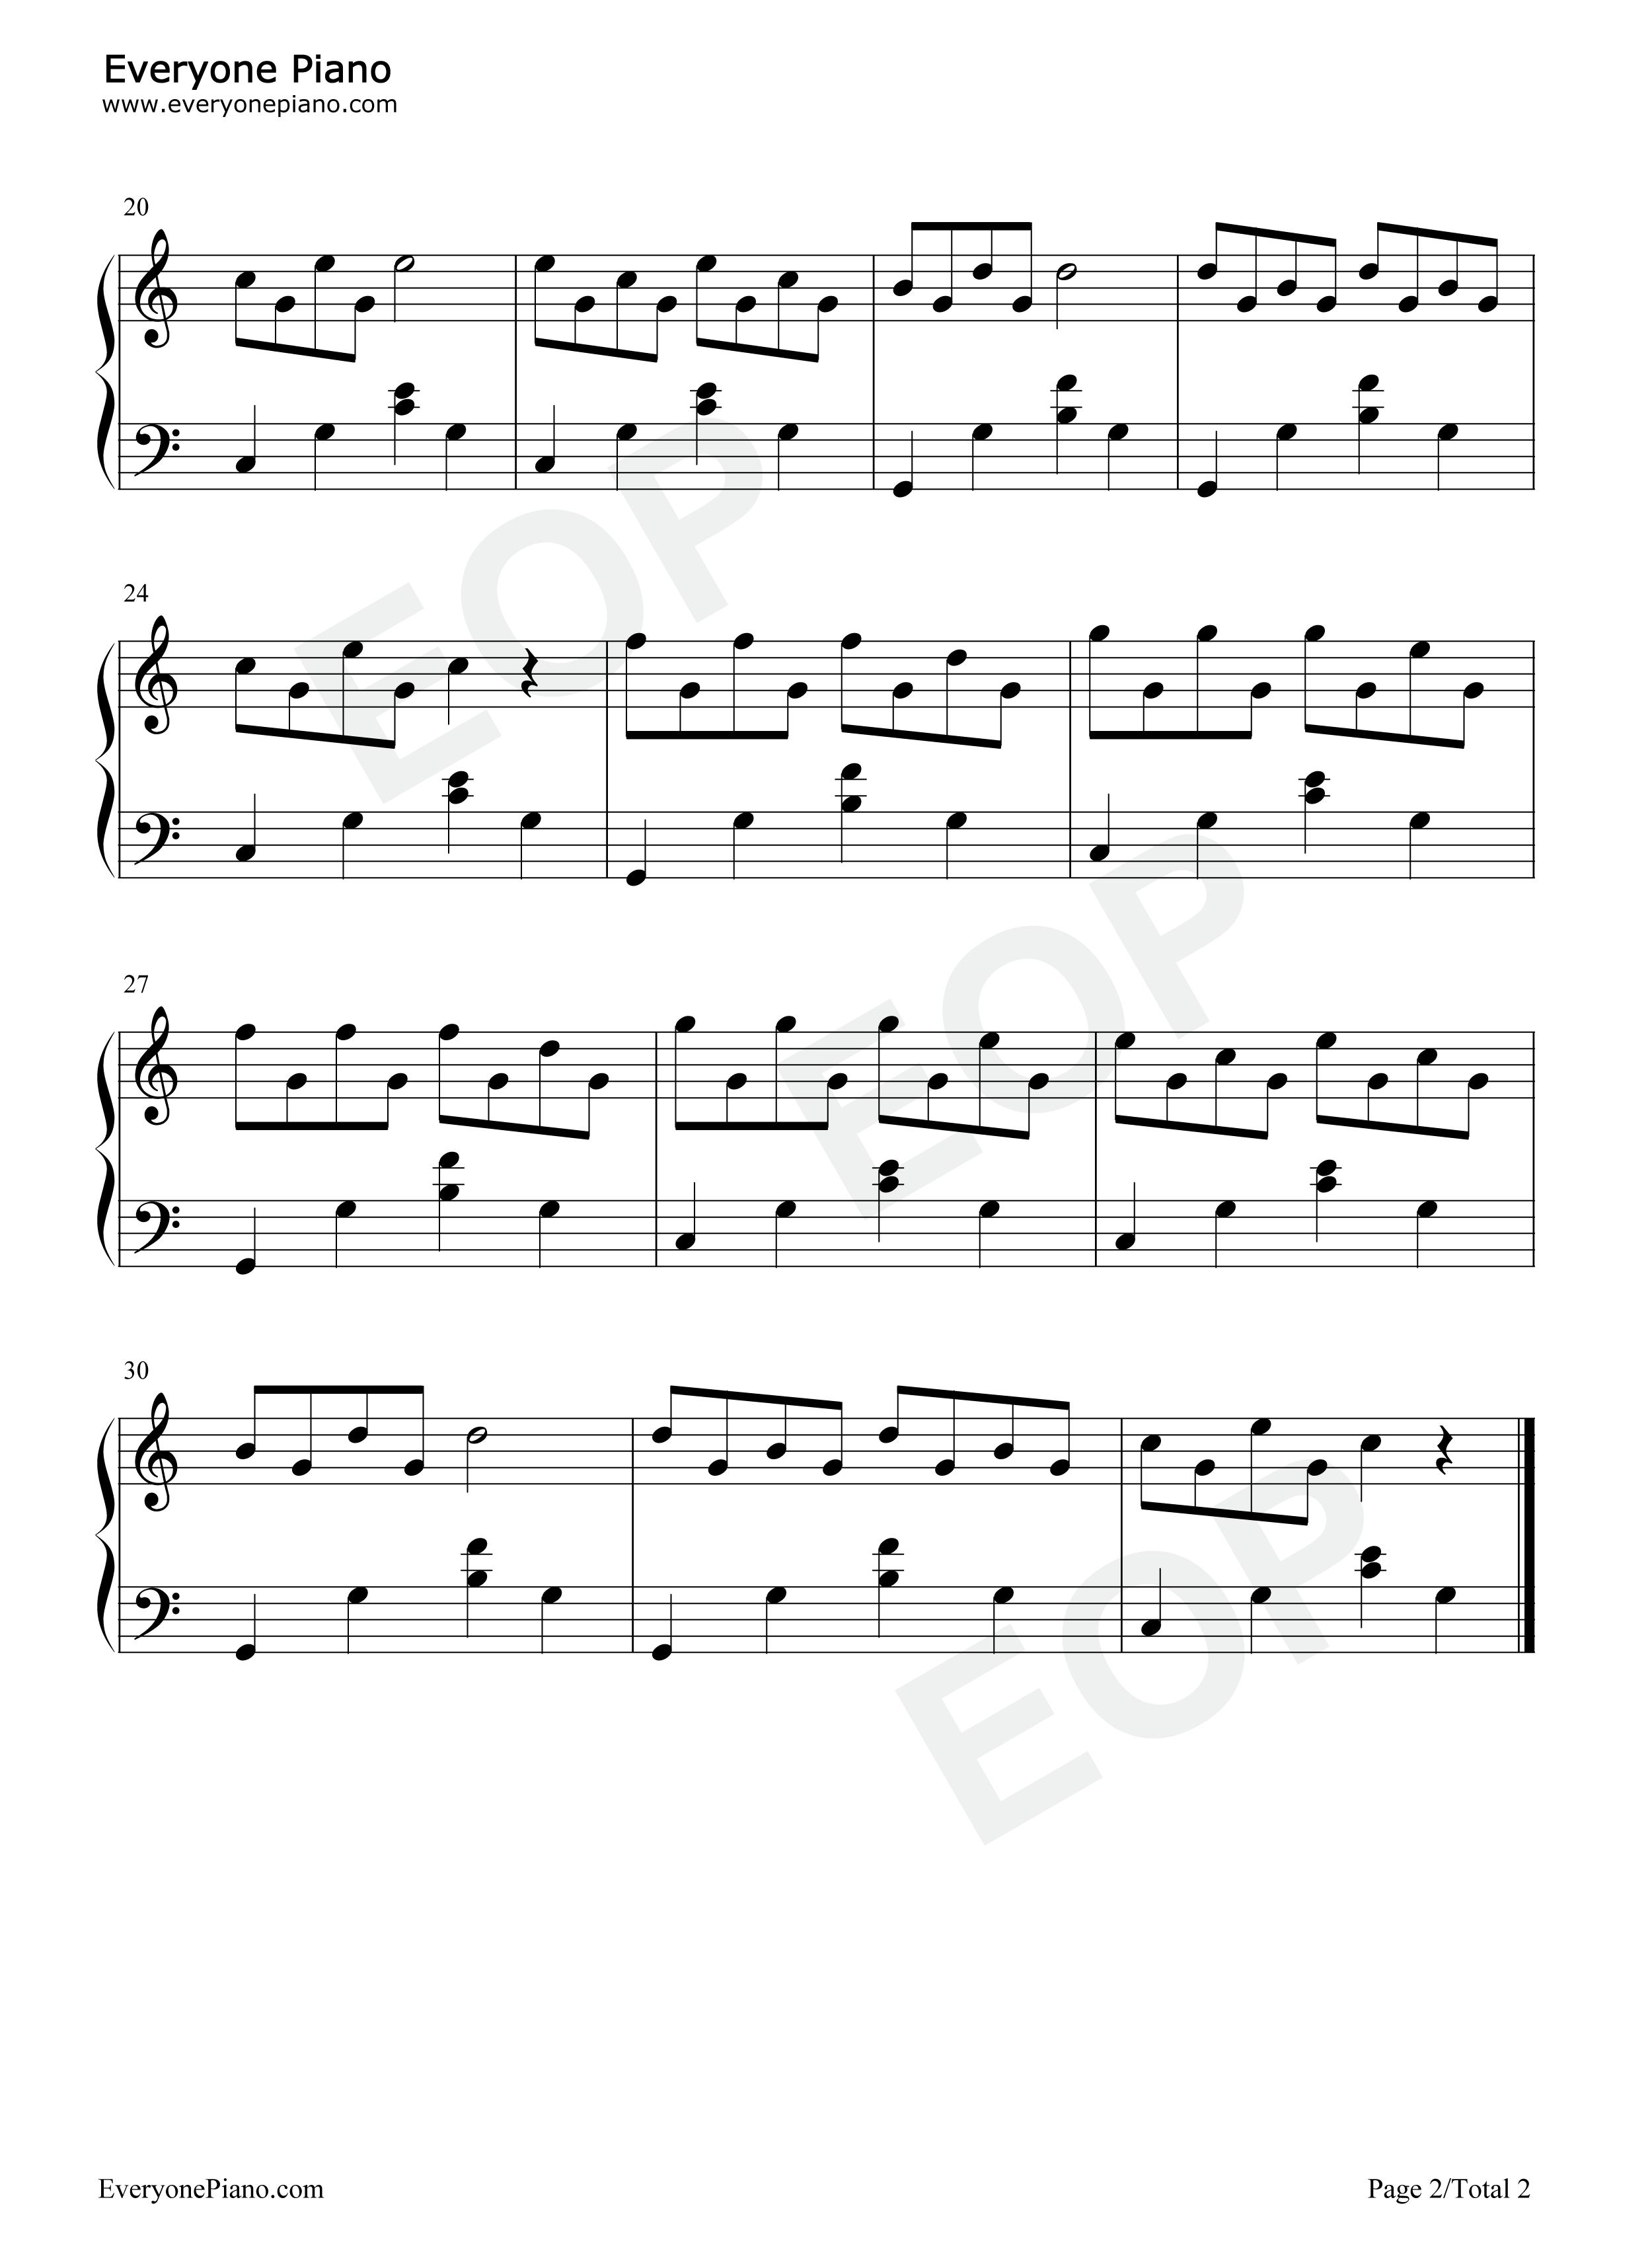 网站首页 钢琴曲谱 练习曲 在泉边-th. 奥斯廷 >> 在泉边-th.